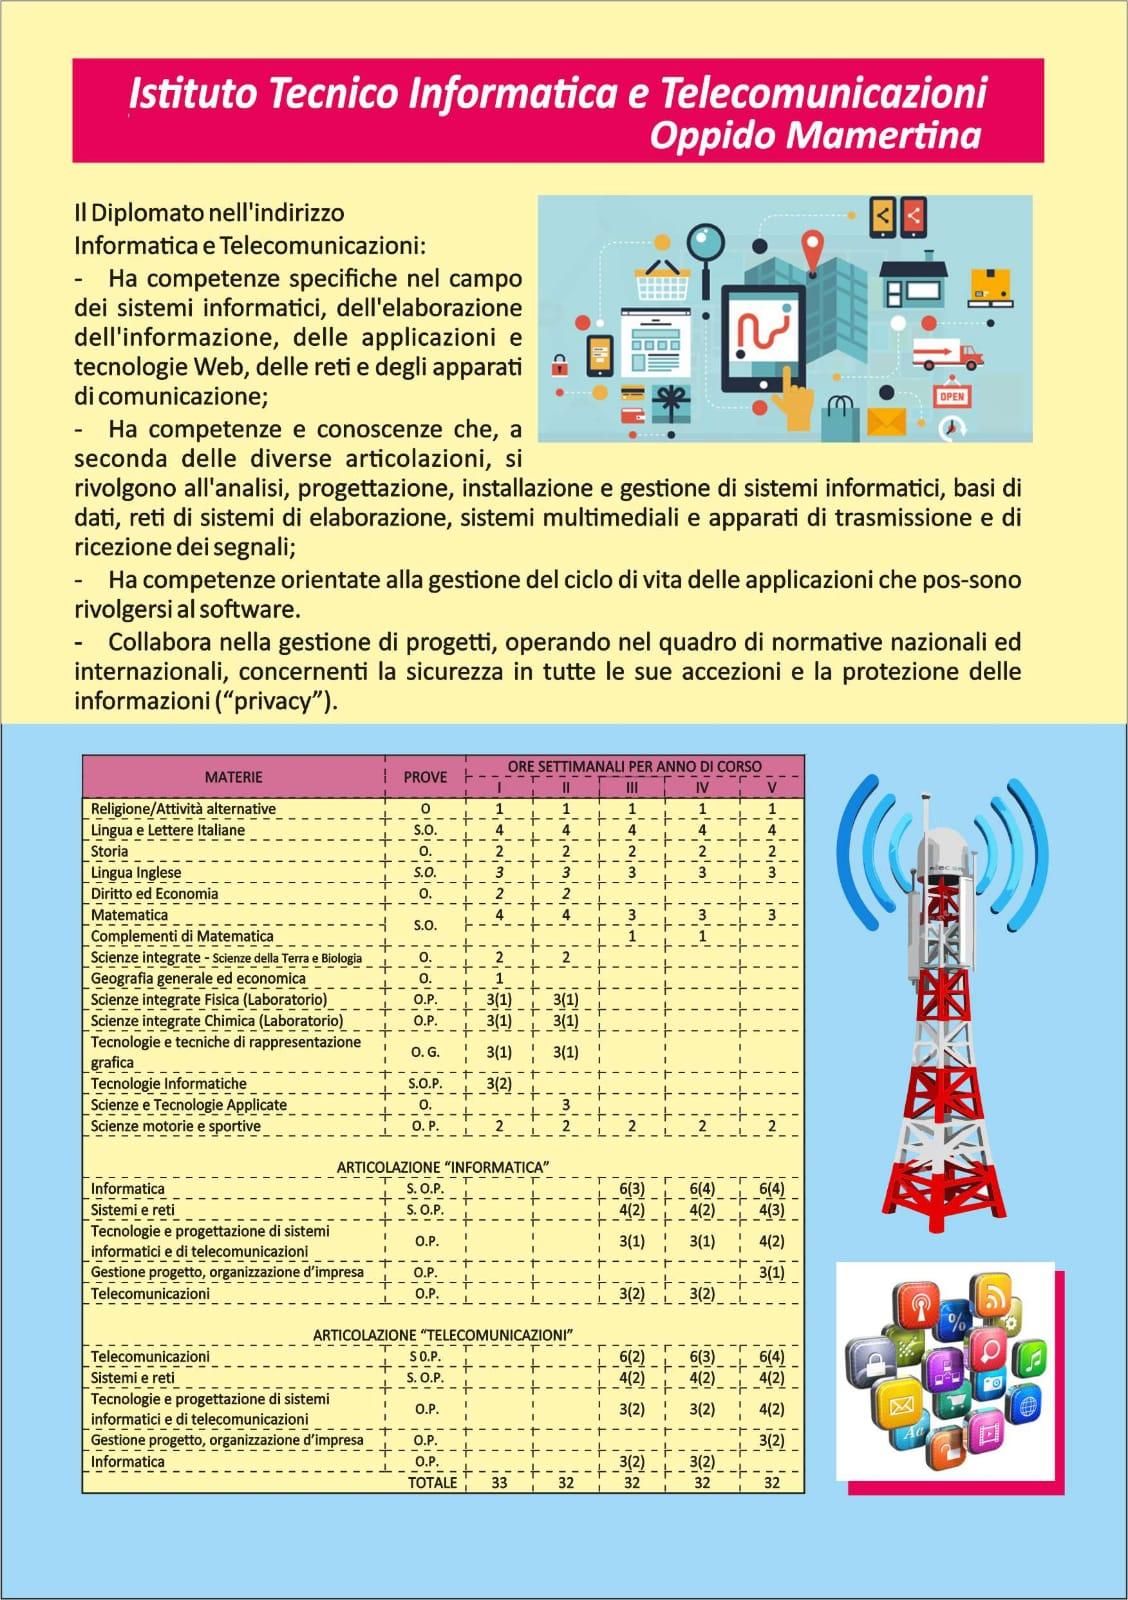 Istituto Tecnico (Oppido Mamertina)